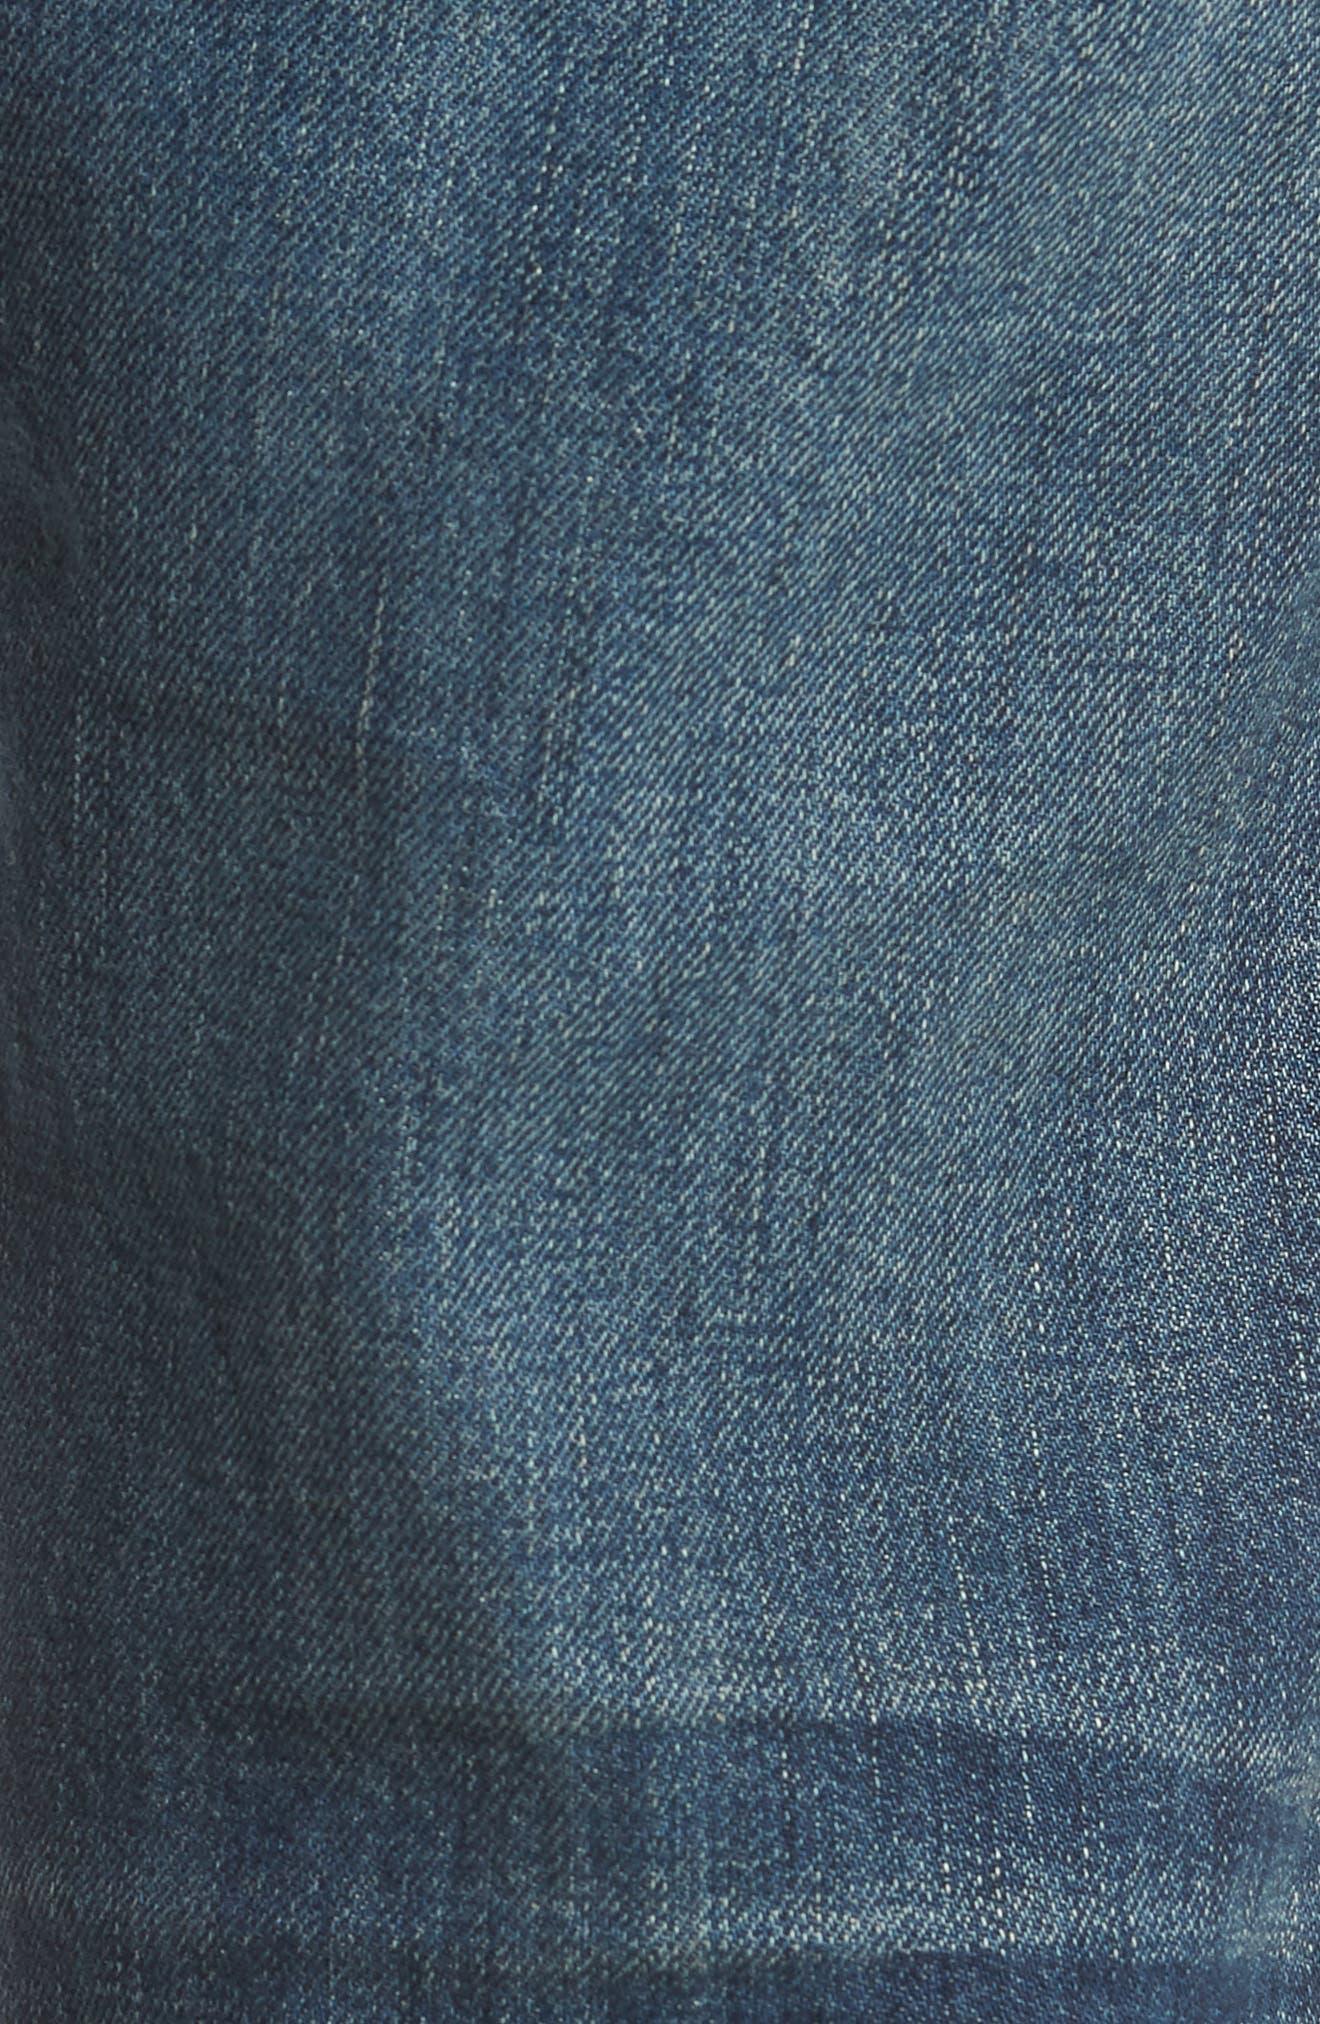 Adrien Slim Fit Jeans,                             Alternate thumbnail 5, color,                             Legend